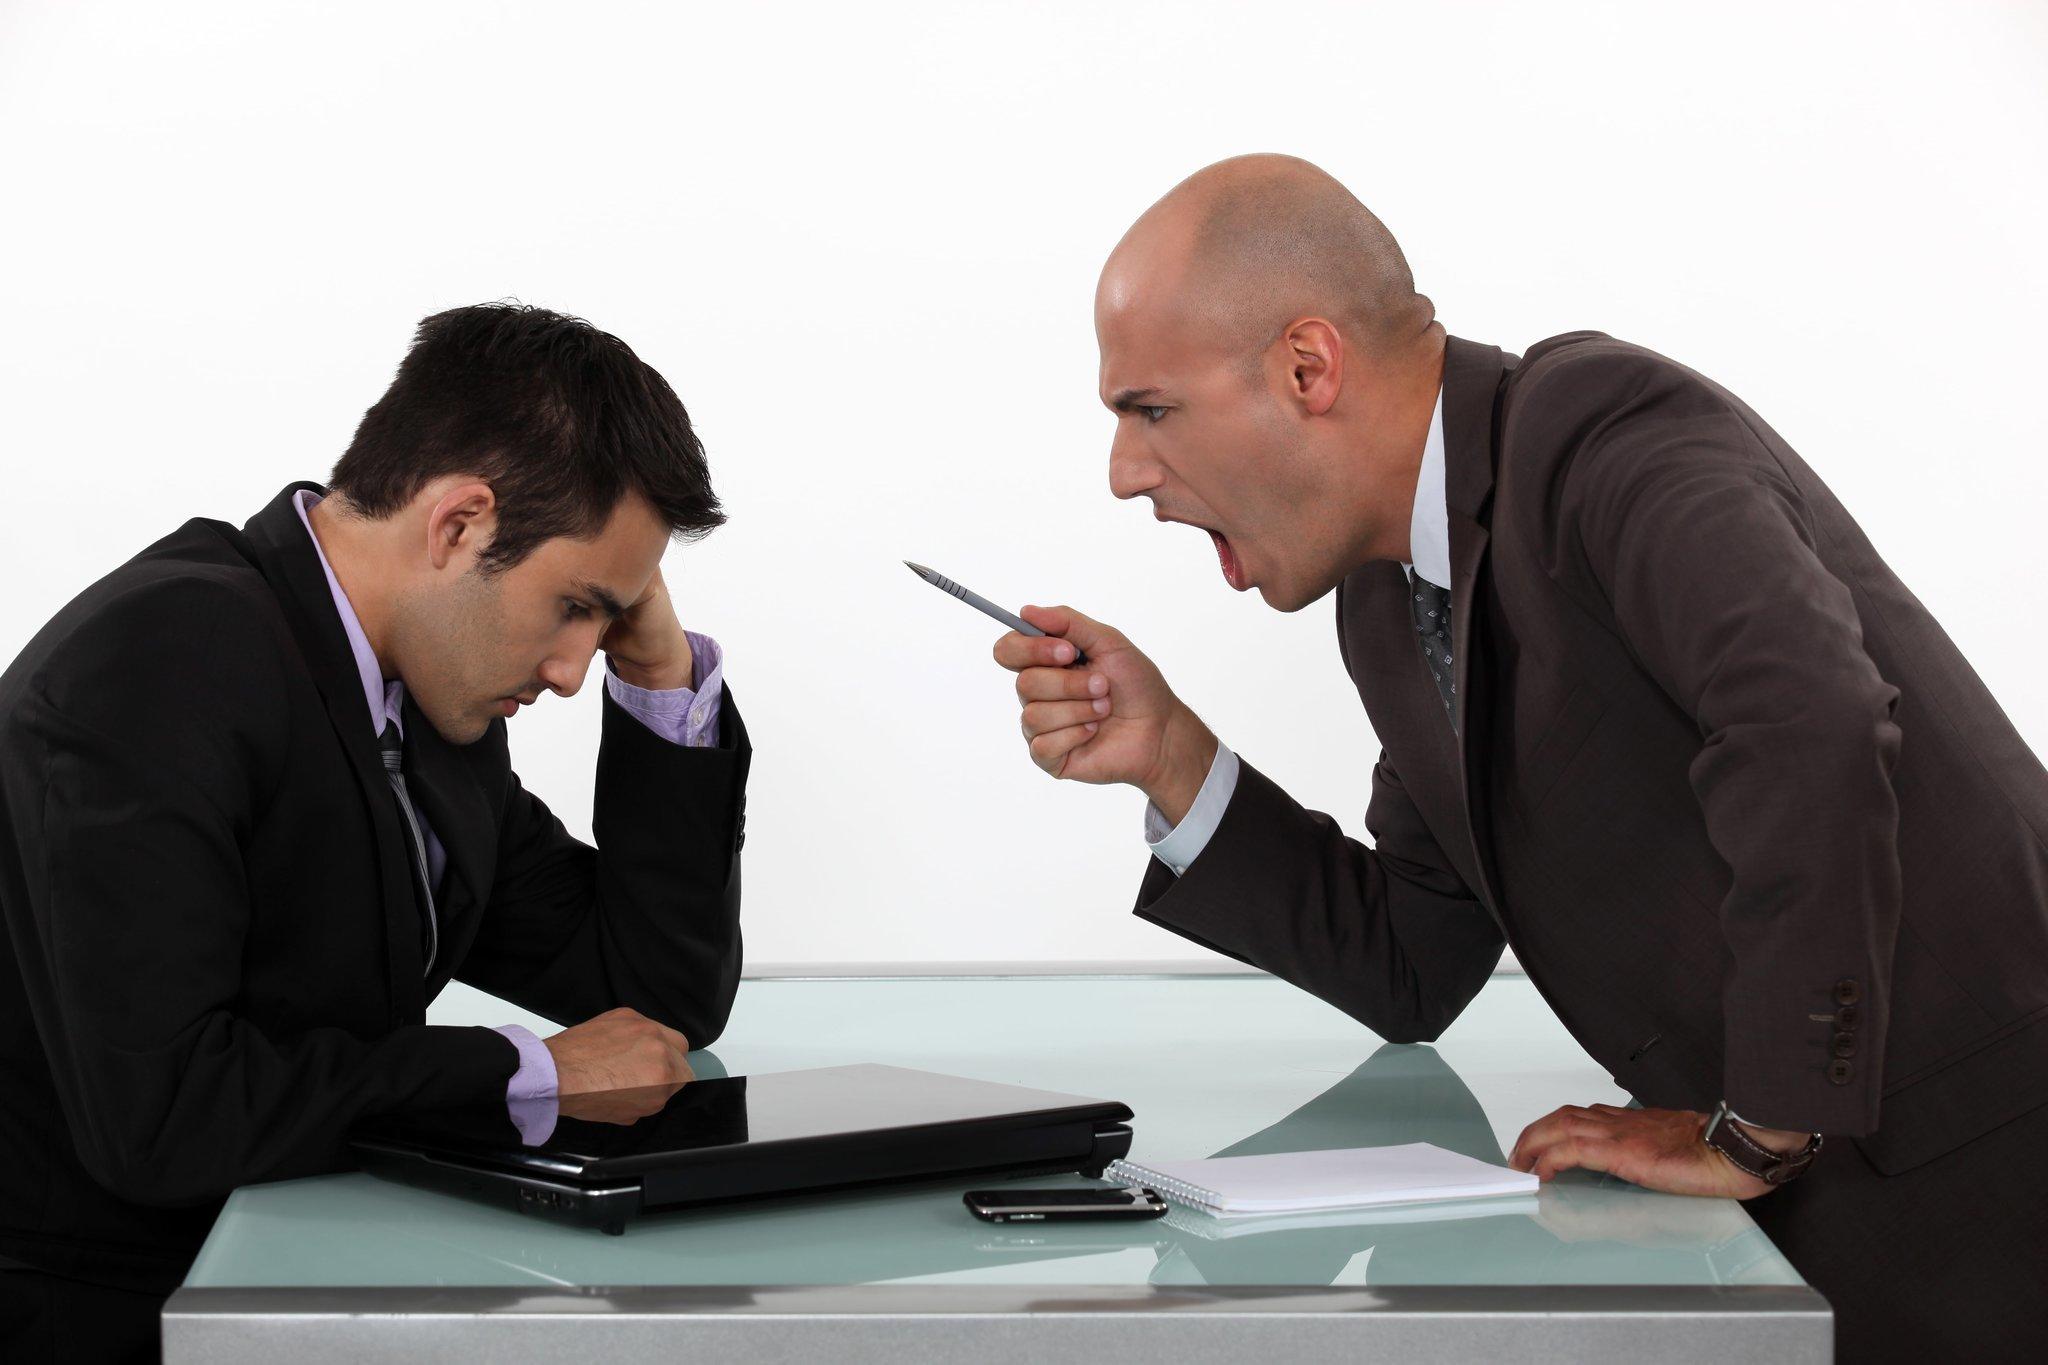 Служебный этикет руководителя заставляет организовывать ход работы таким образом, чтобы обязанности всех подчиненных были четко разграничены.